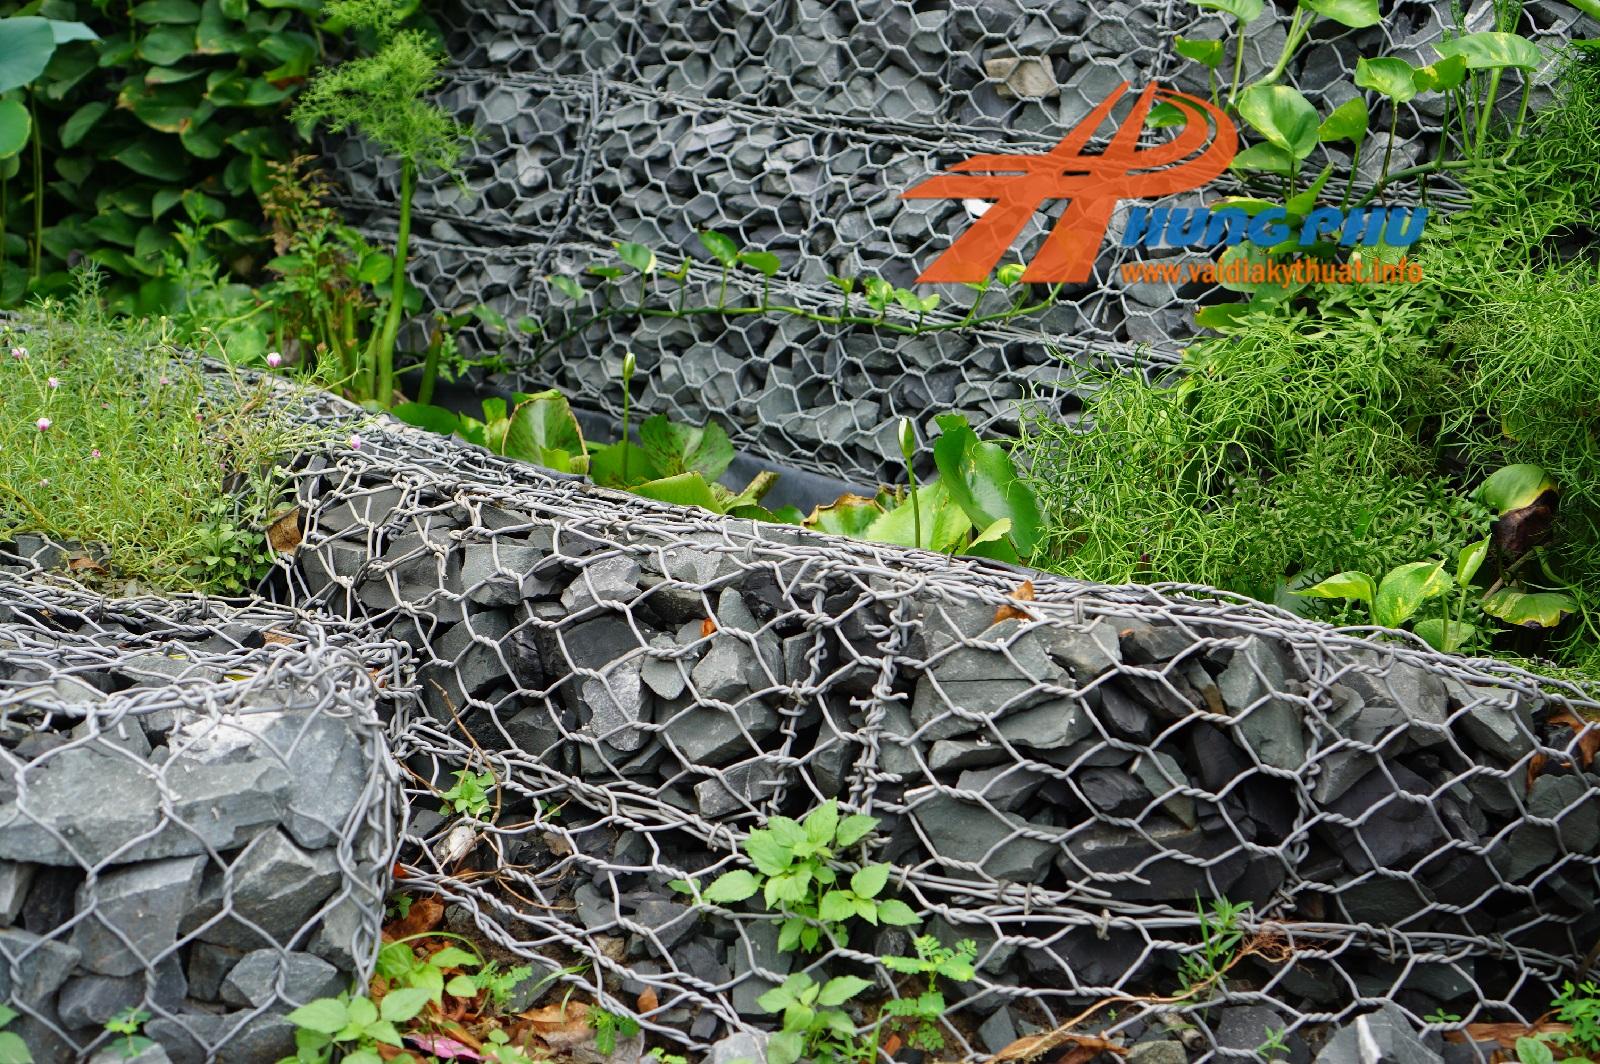 Vải địa trồng cây trang trí cảnh quan, vườn ươm